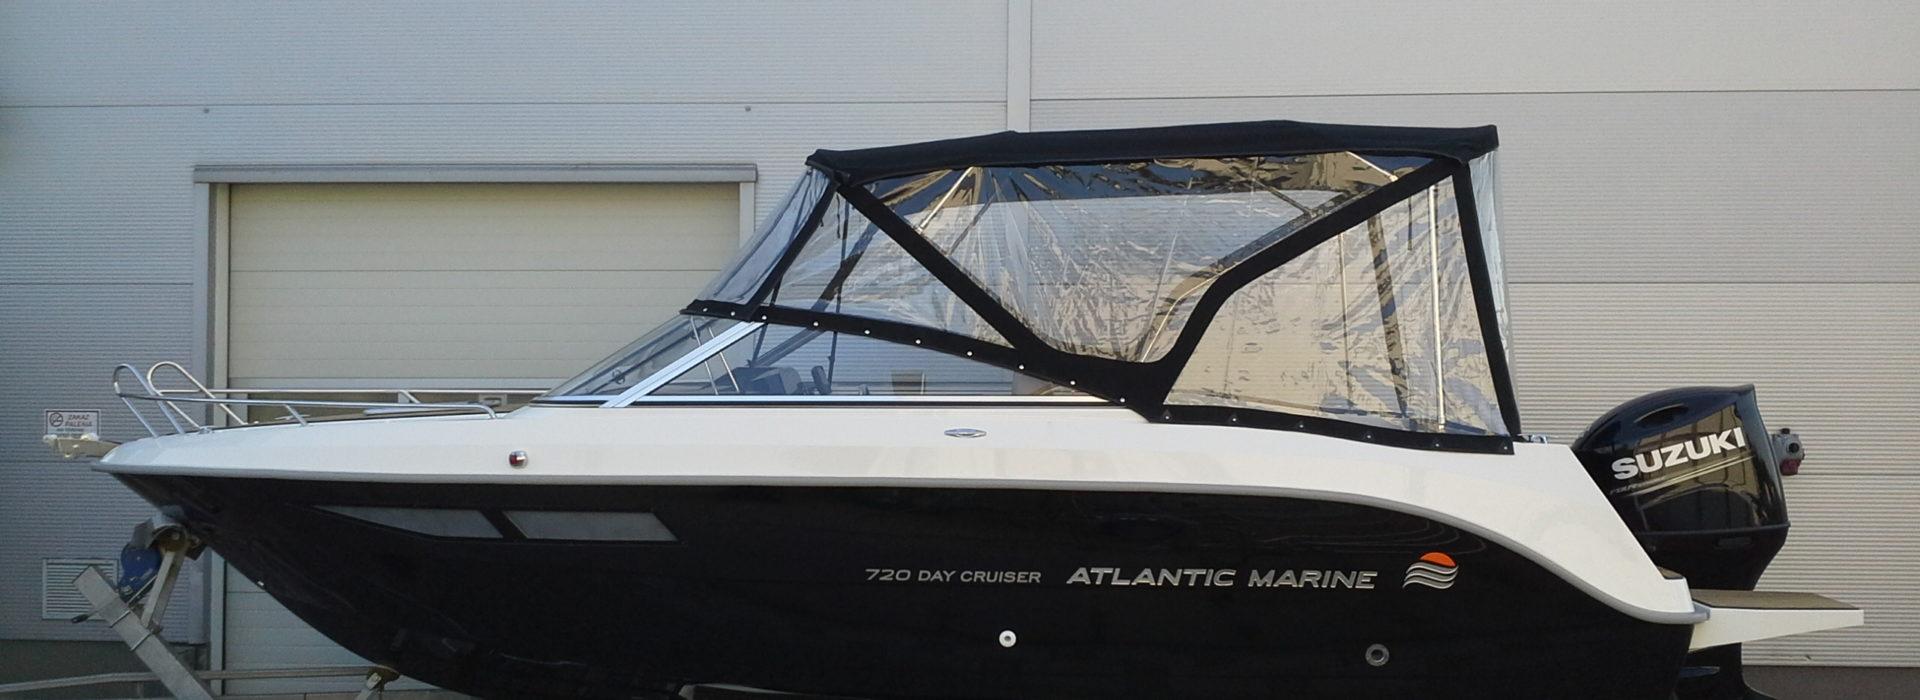 Atlantic Marine 720 Day Cruiser 1